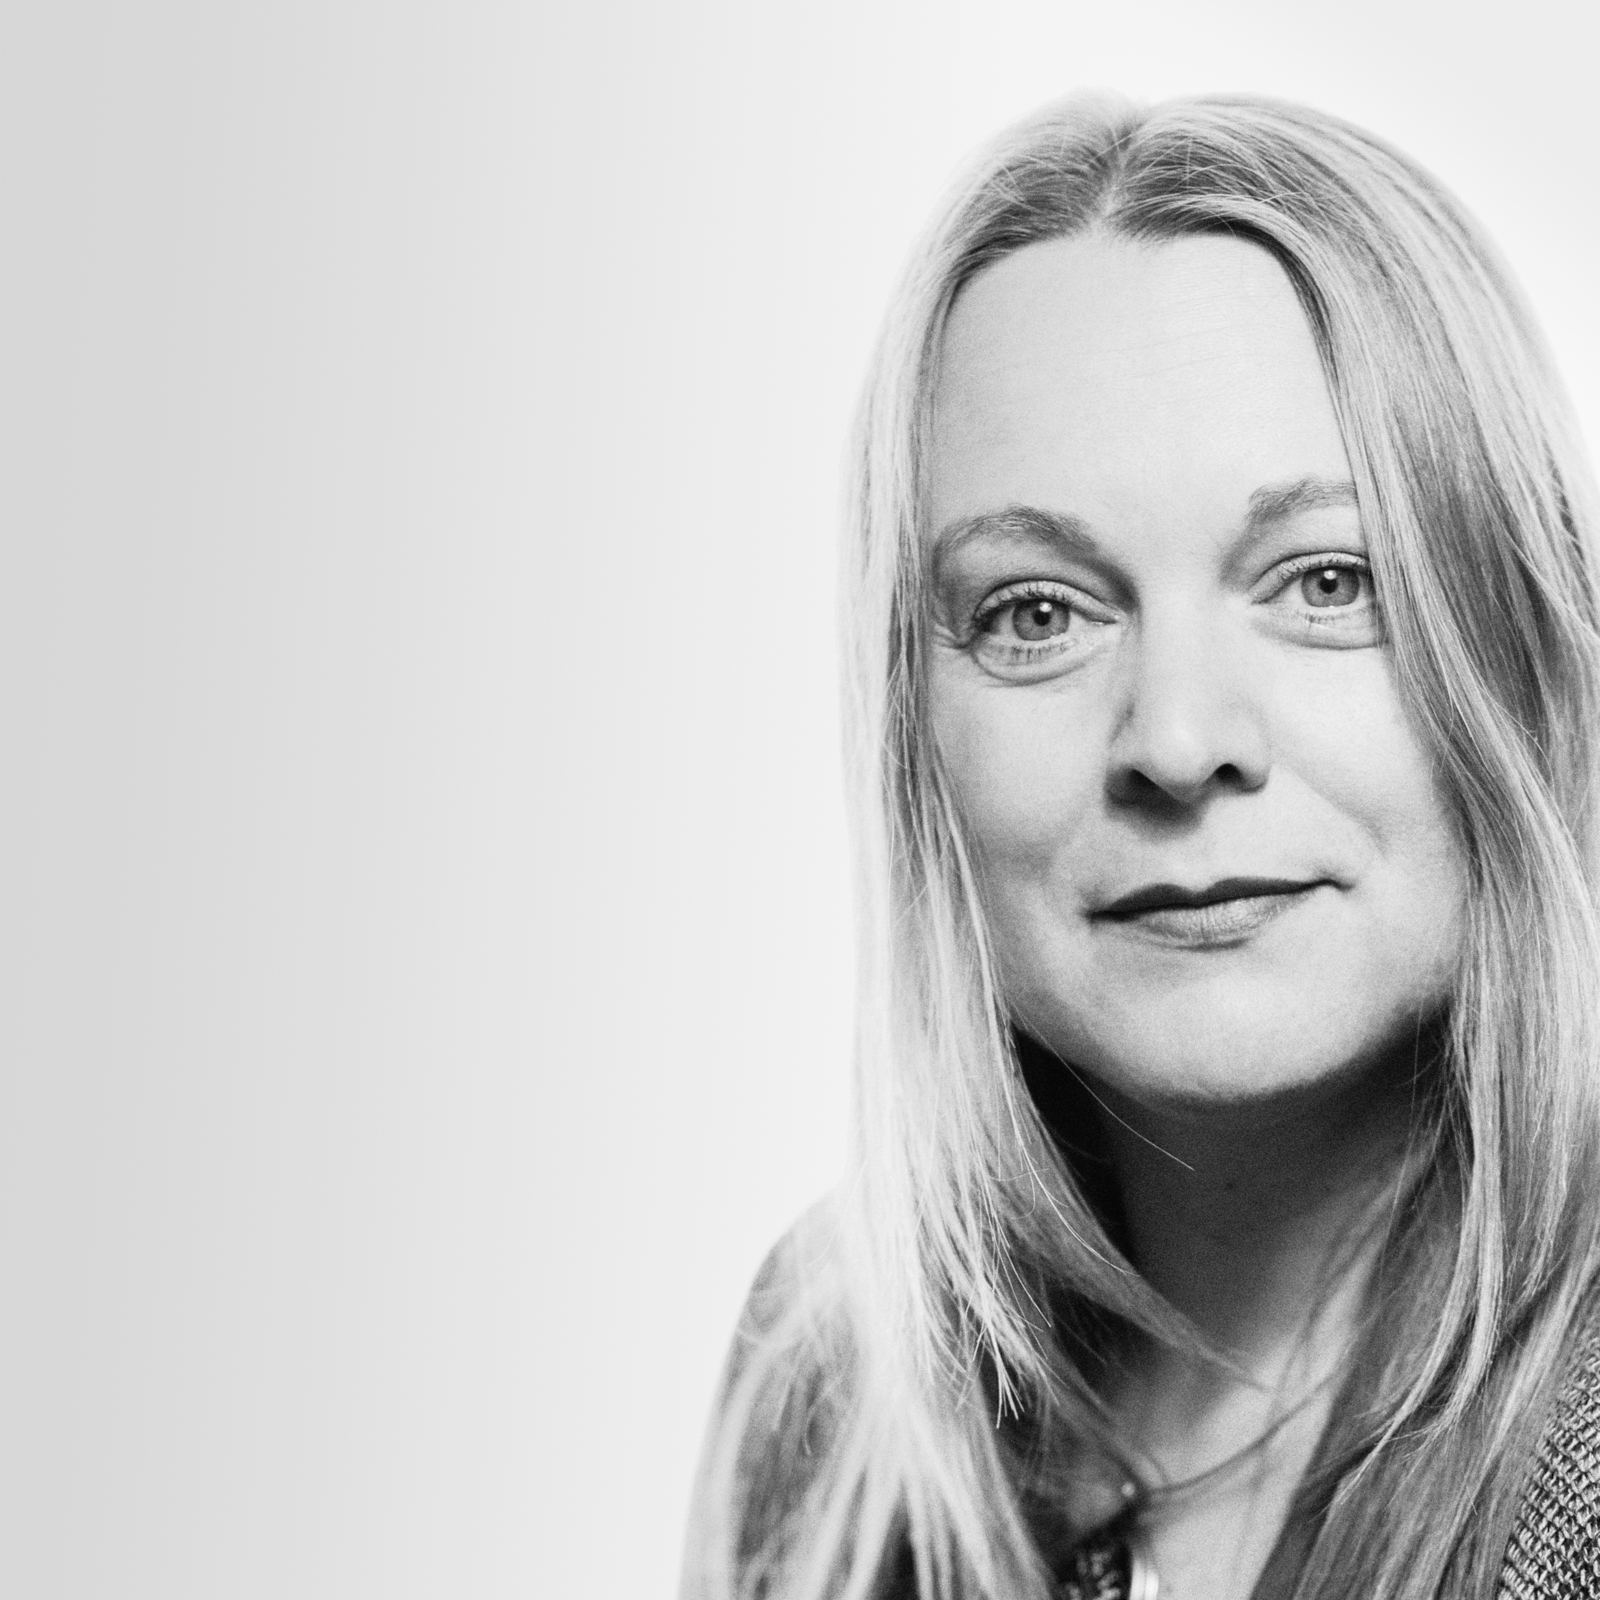 Andrea Jannsen